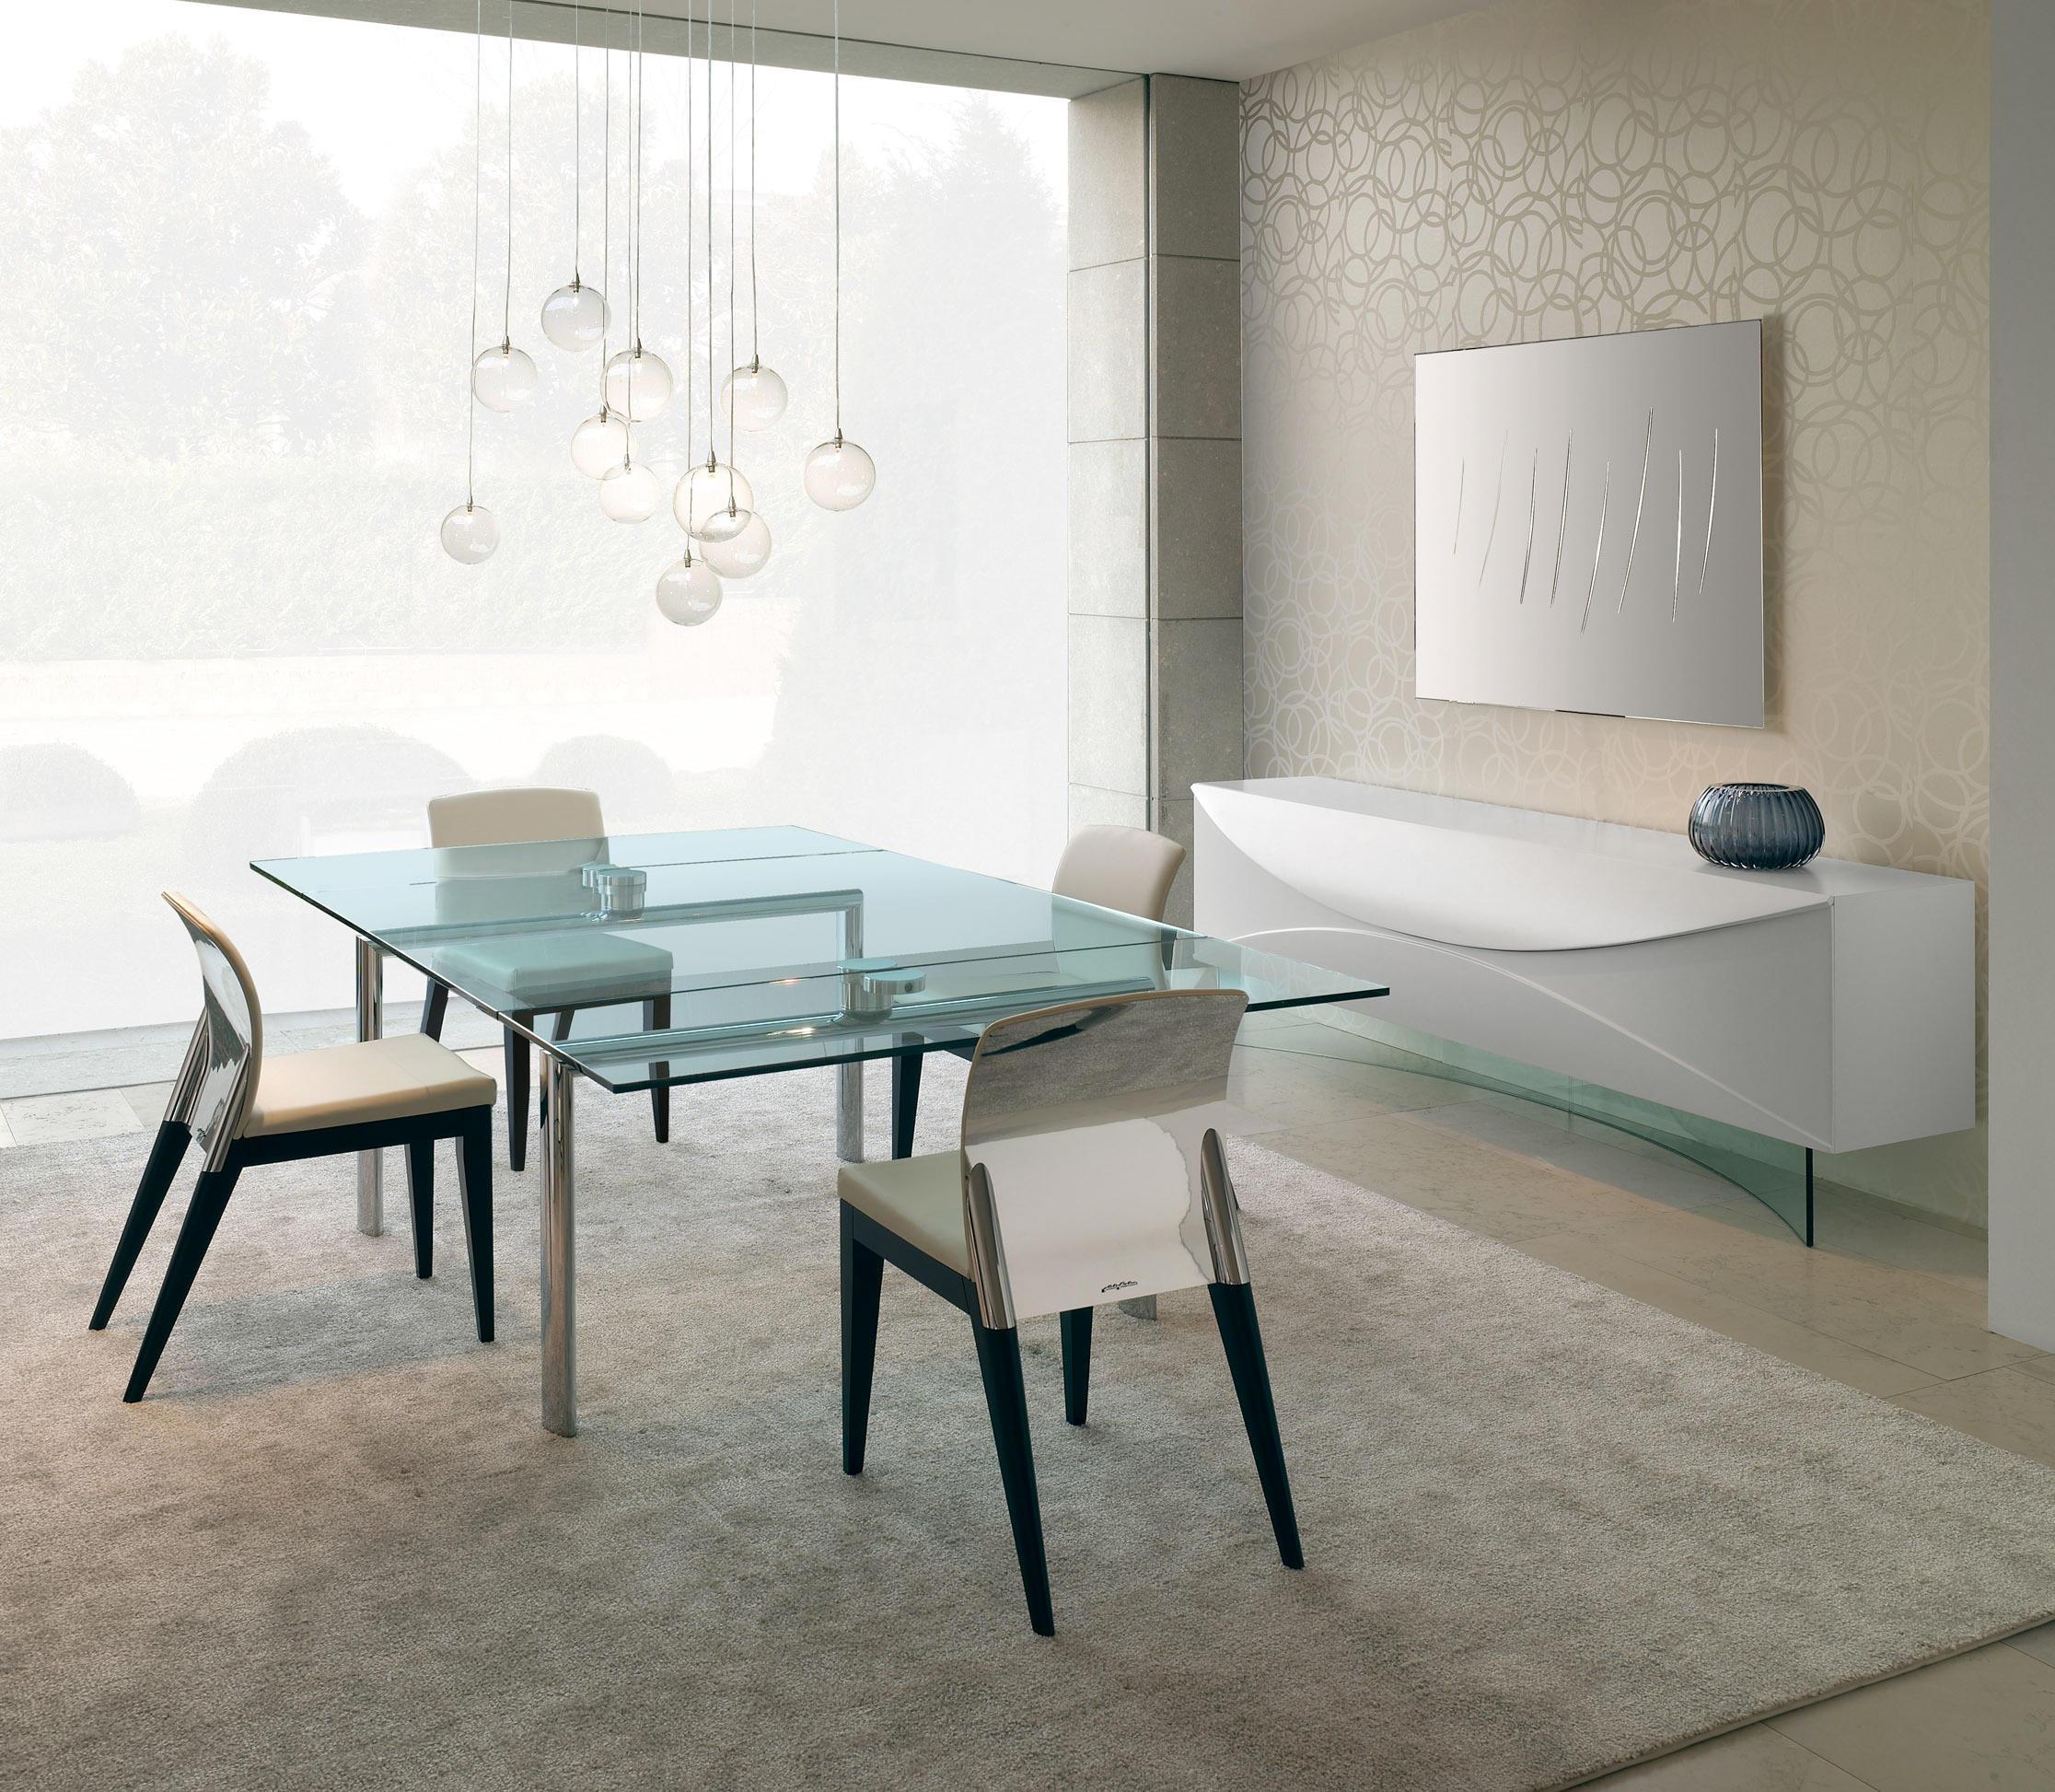 Tavoli Cristallo Allungabili Reflex.Policleto Allungabile Mobili Designer Architonic